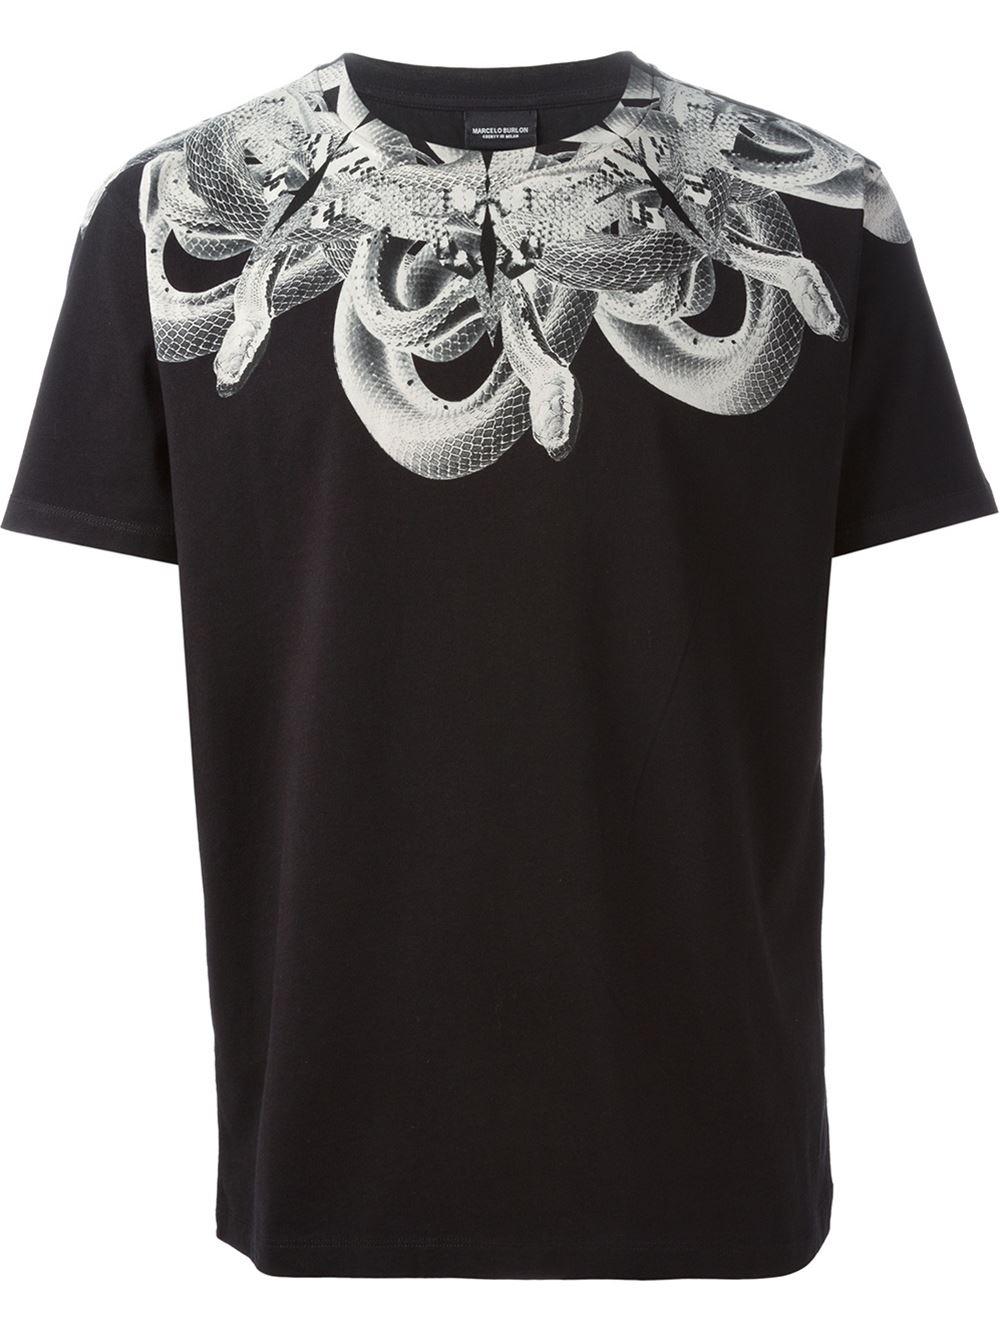 Marcelo burlon snake print t shirt in black for men lyst for T shirts to print